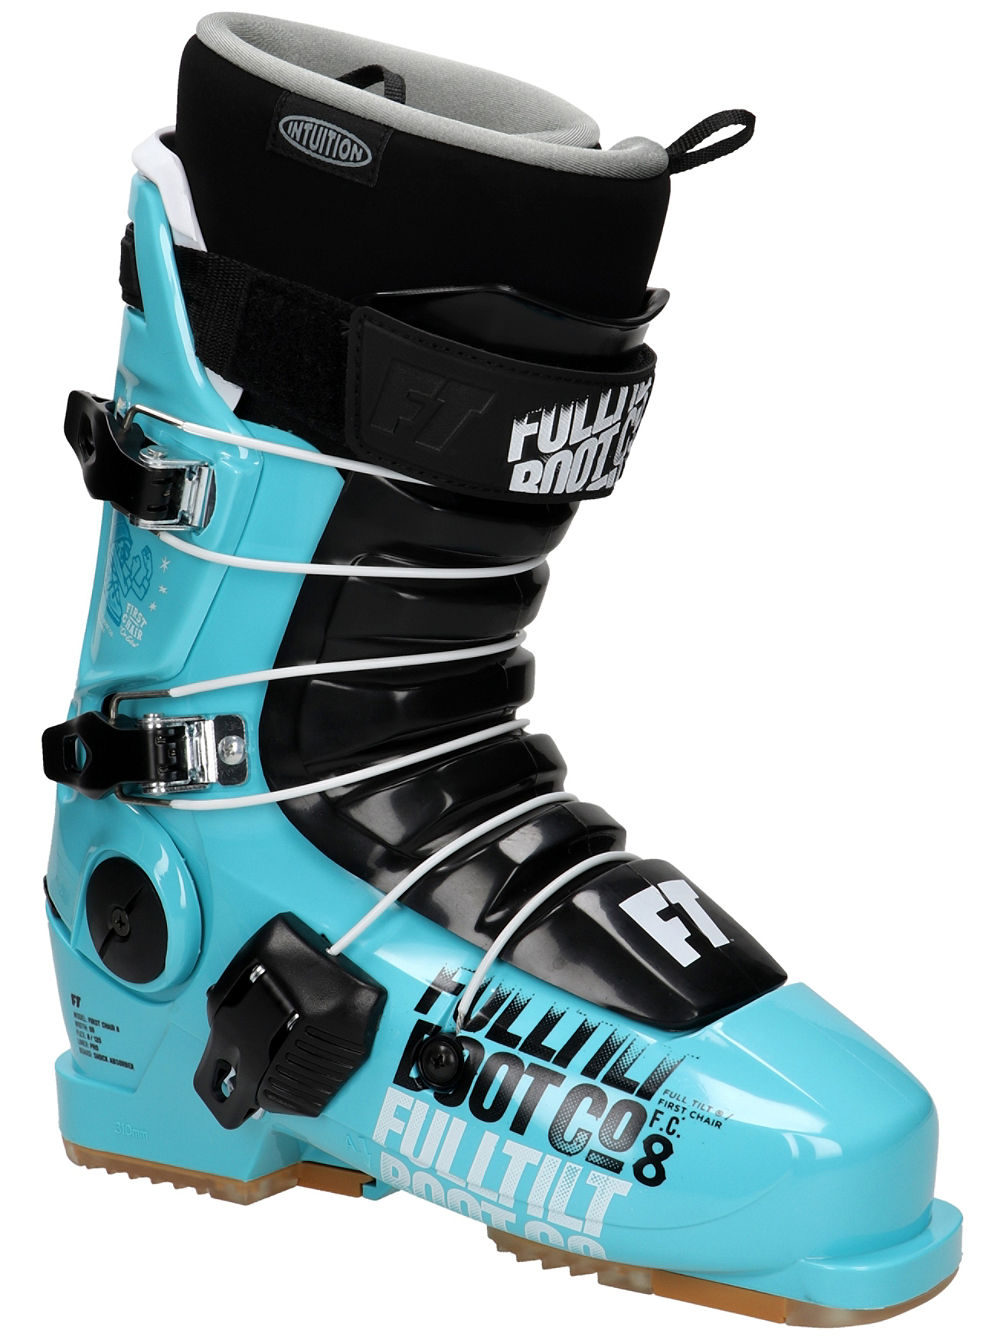 Full Tilt Skischuhe